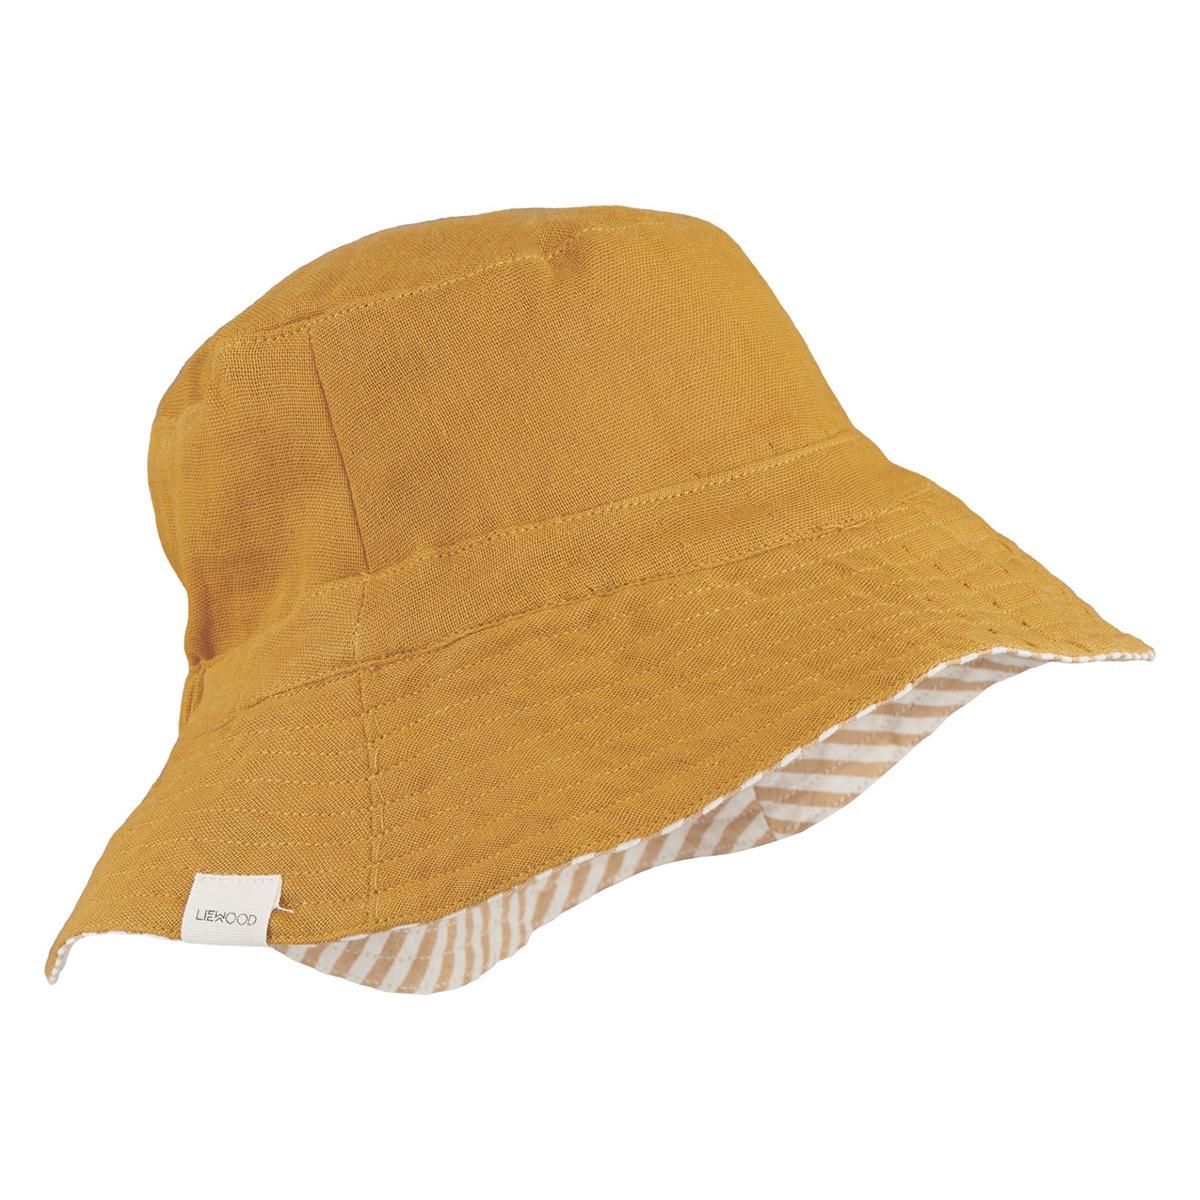 Accessoires bébé Chapeau Bob Buddy Mustard - 0/3 Mois Chapeau Bob Buddy Mustard - 0/3 Mois